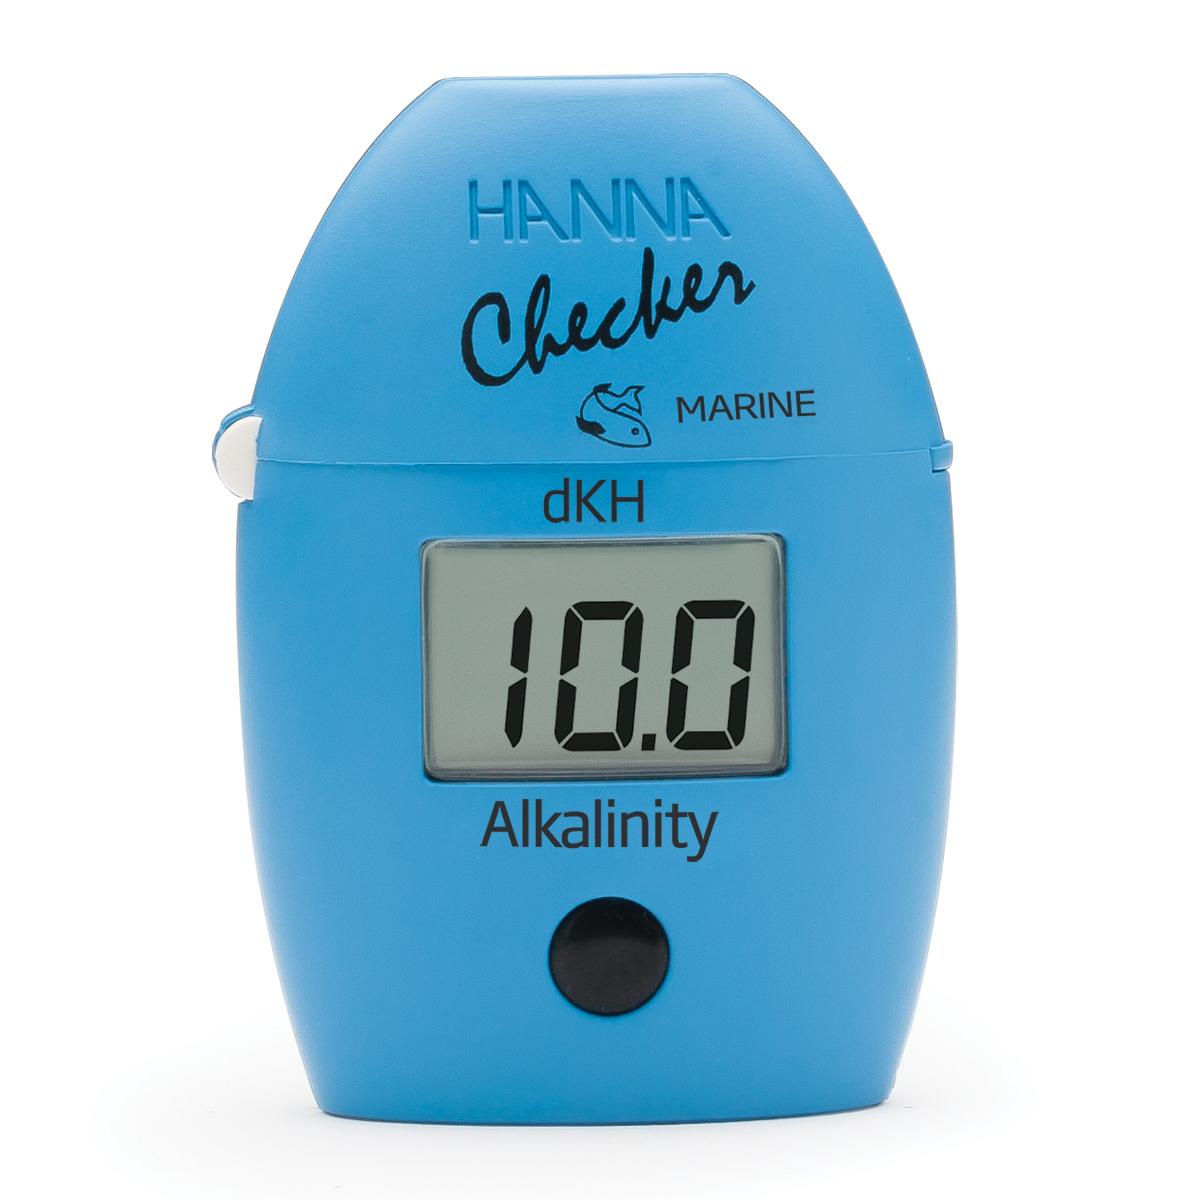 Checker® HC para Alcalinidad Marina (dKH) - HI772